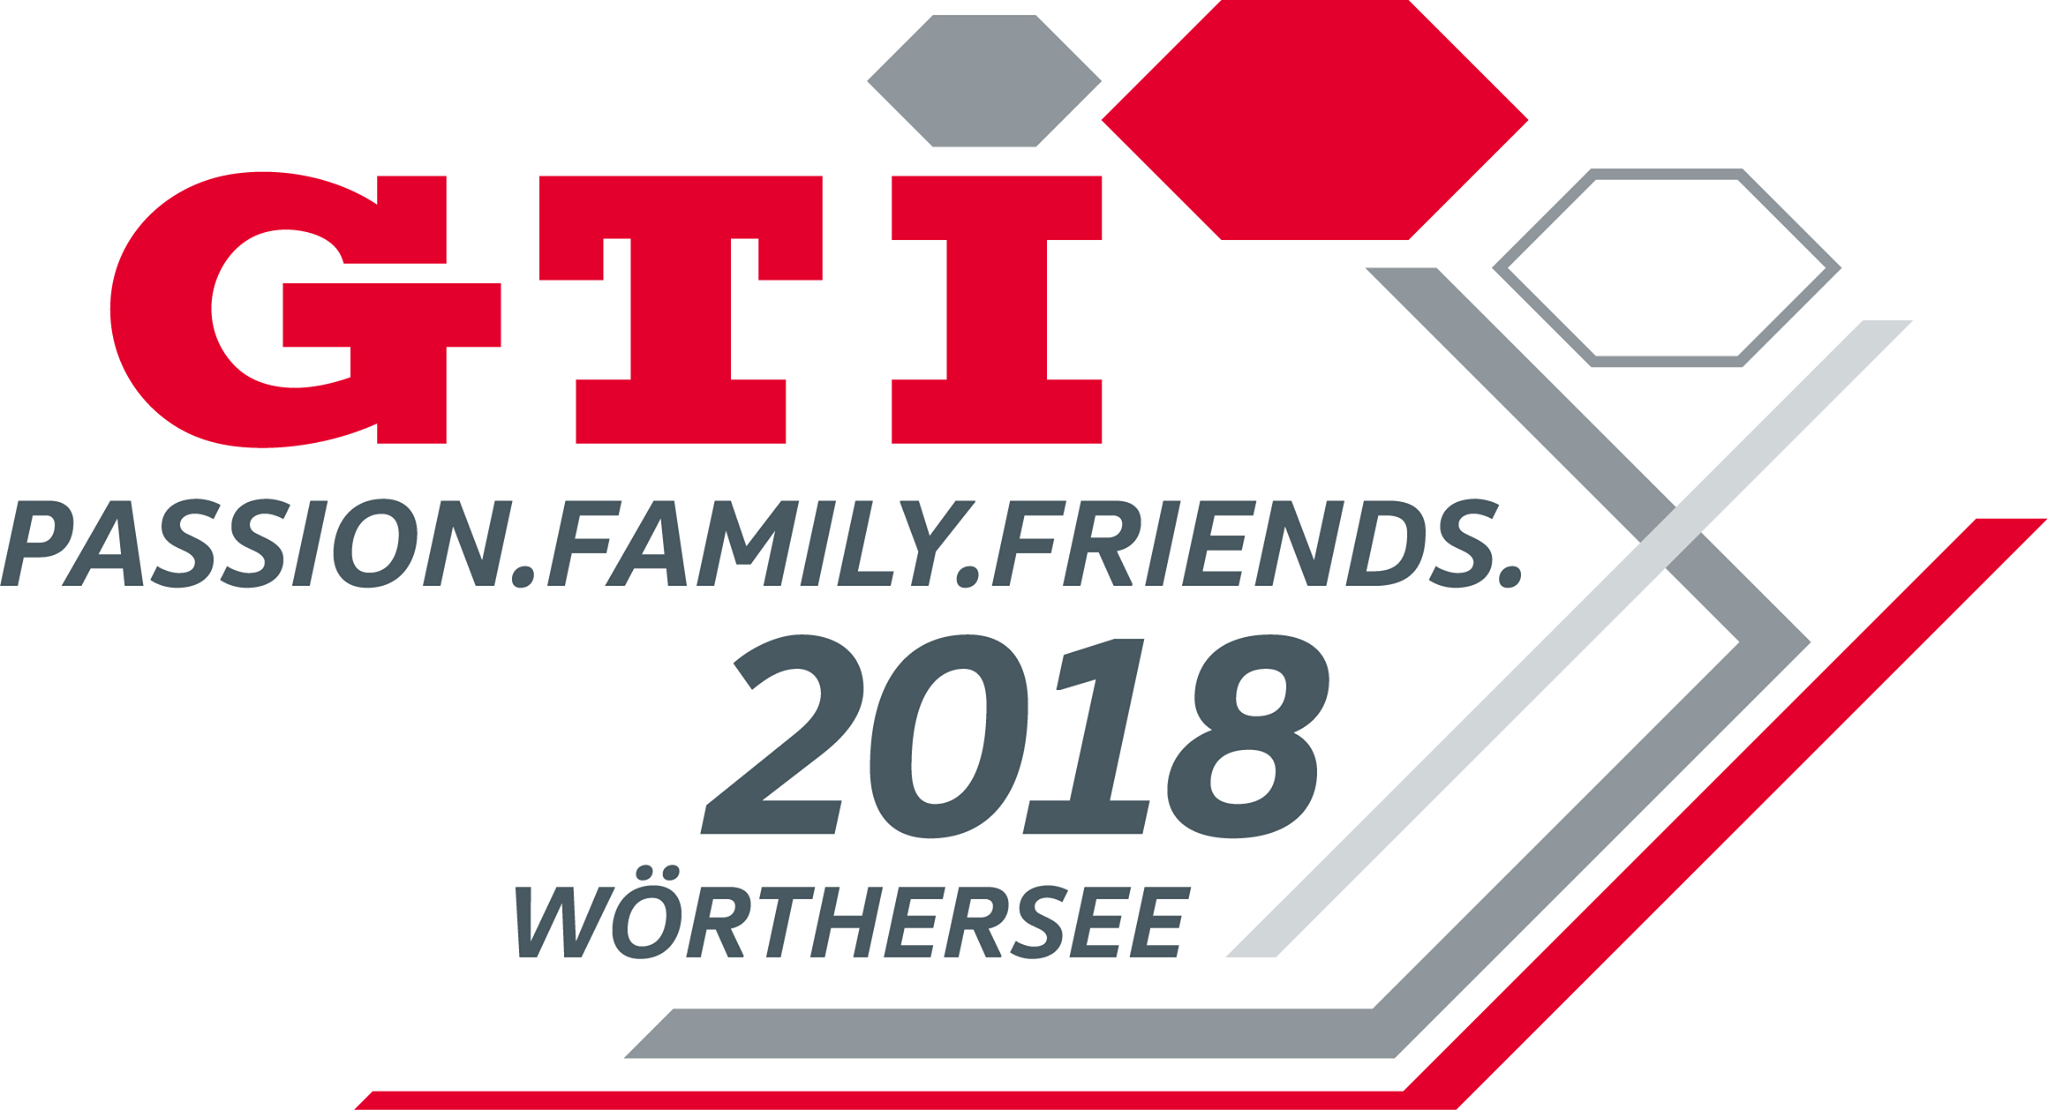 PASSION.FAMILY.FRIENDS – Das neue Motto 2018 steht fest und wir wollen Eure Meinung dazu wissen!